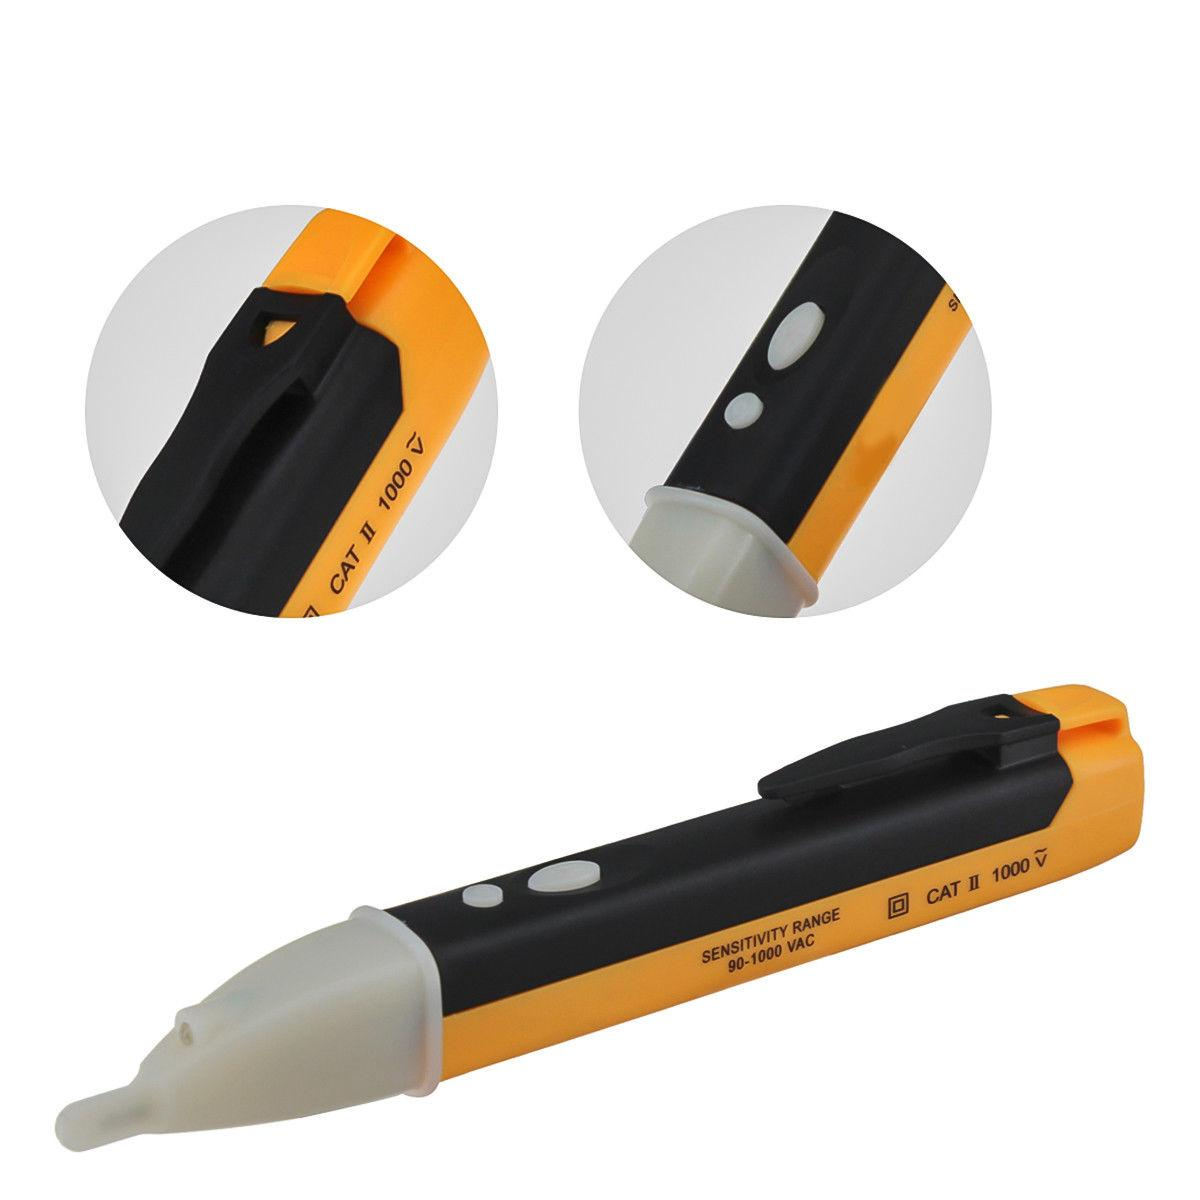 Индикатор напряжения розетка настенная розетка переменного тока детектор напряжения датчик тестер ручка LED Light 90-1000V электроинструменты CCA11676-A 60шт